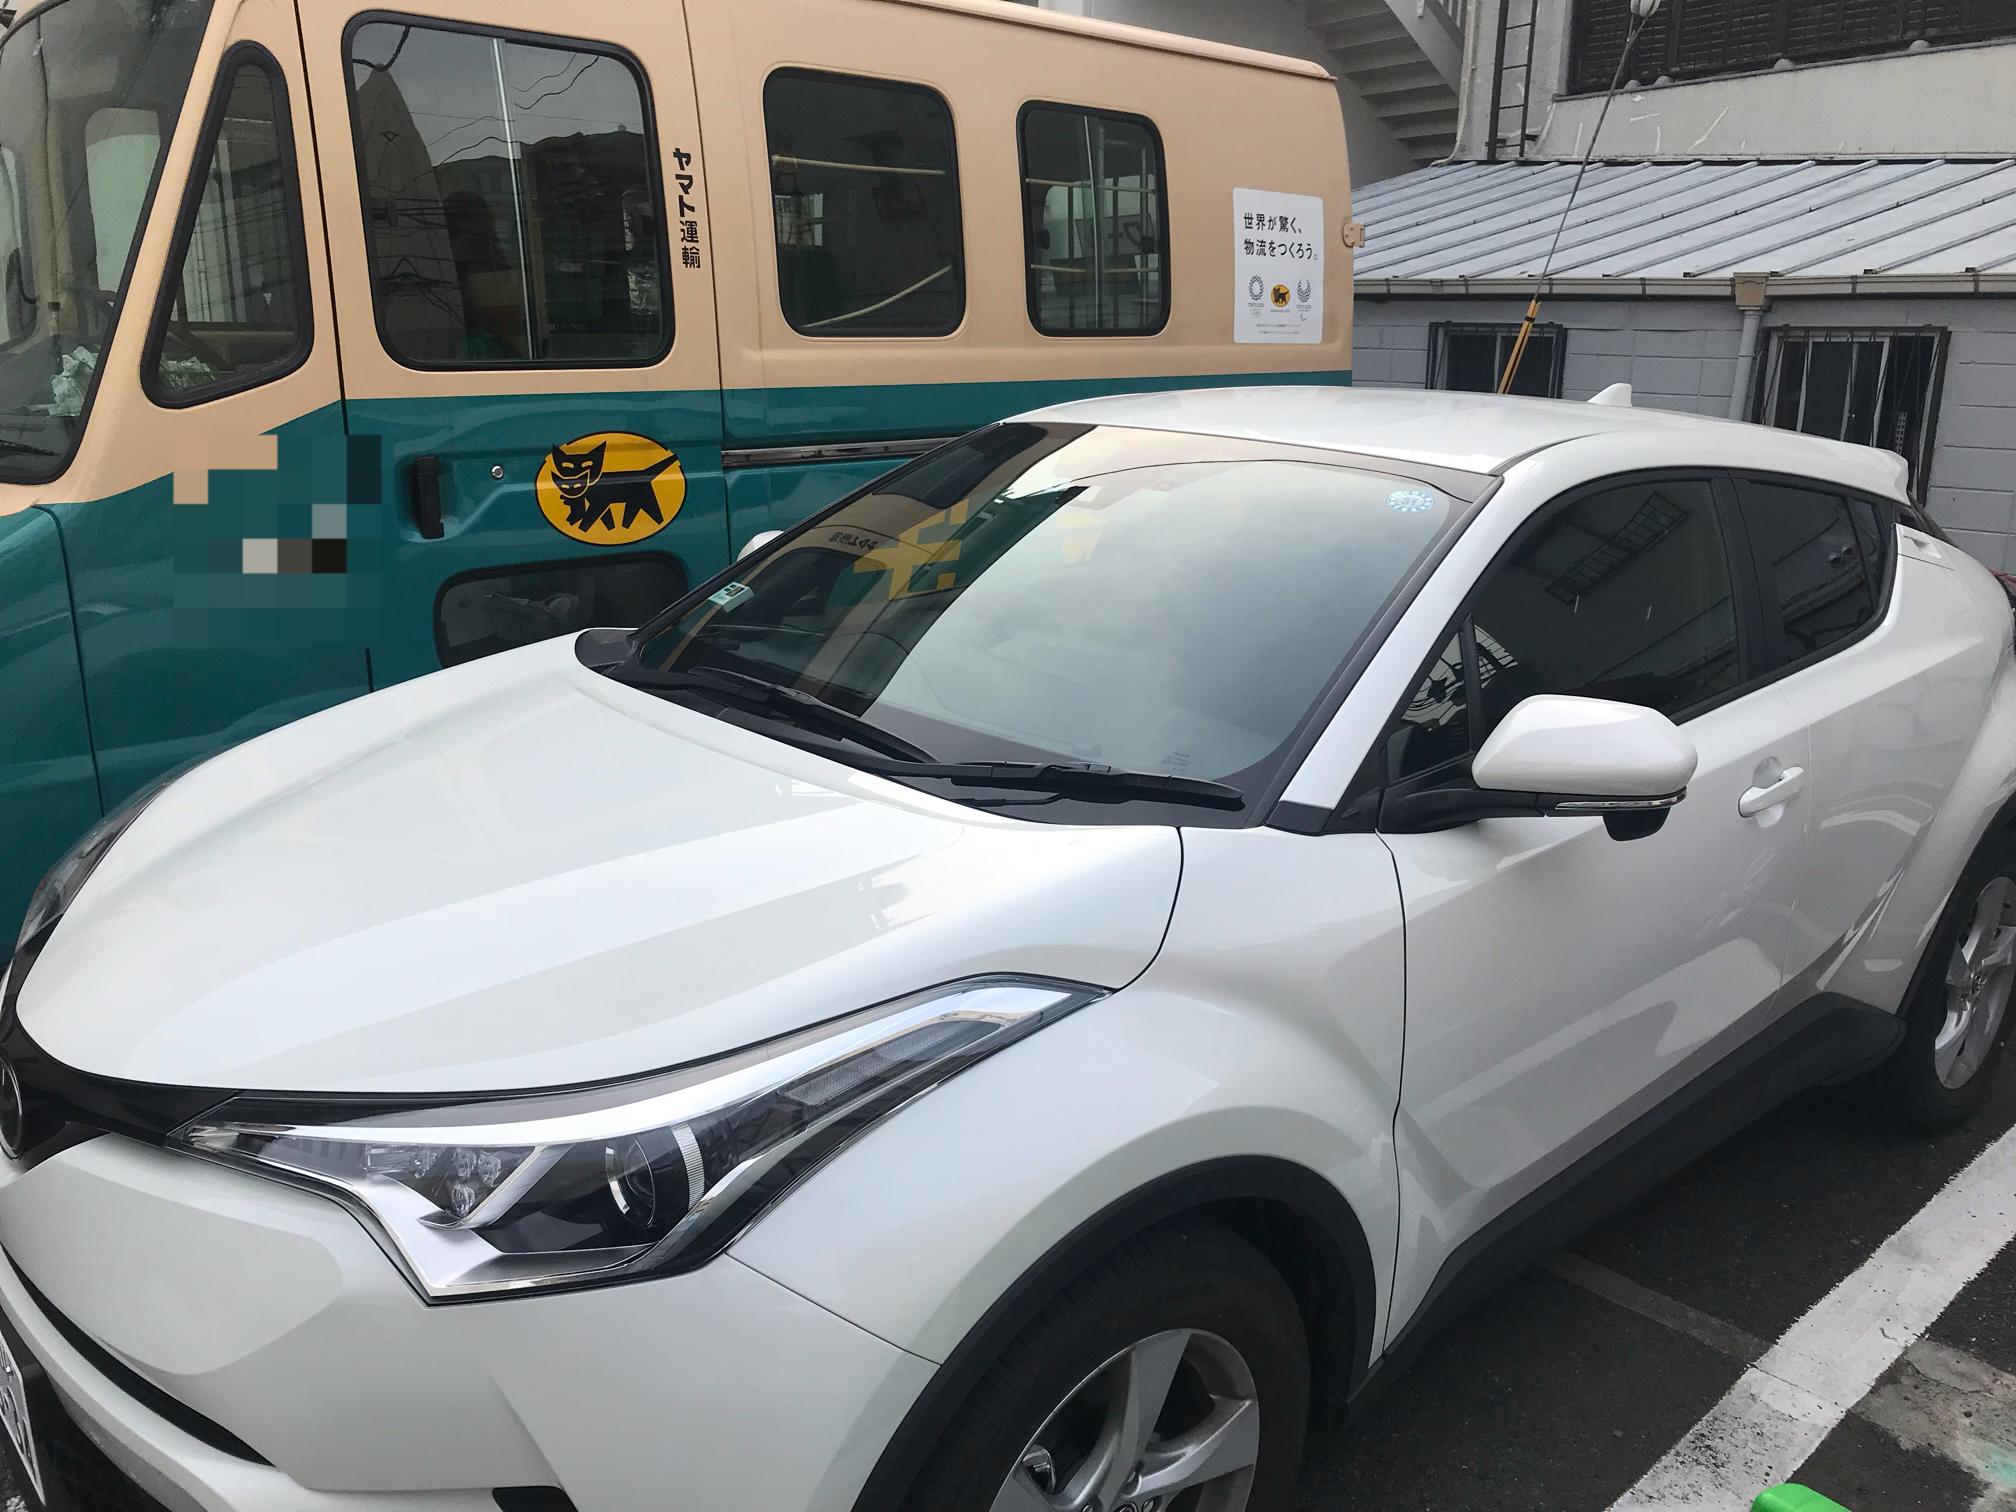 ぶらりC-HRの旅